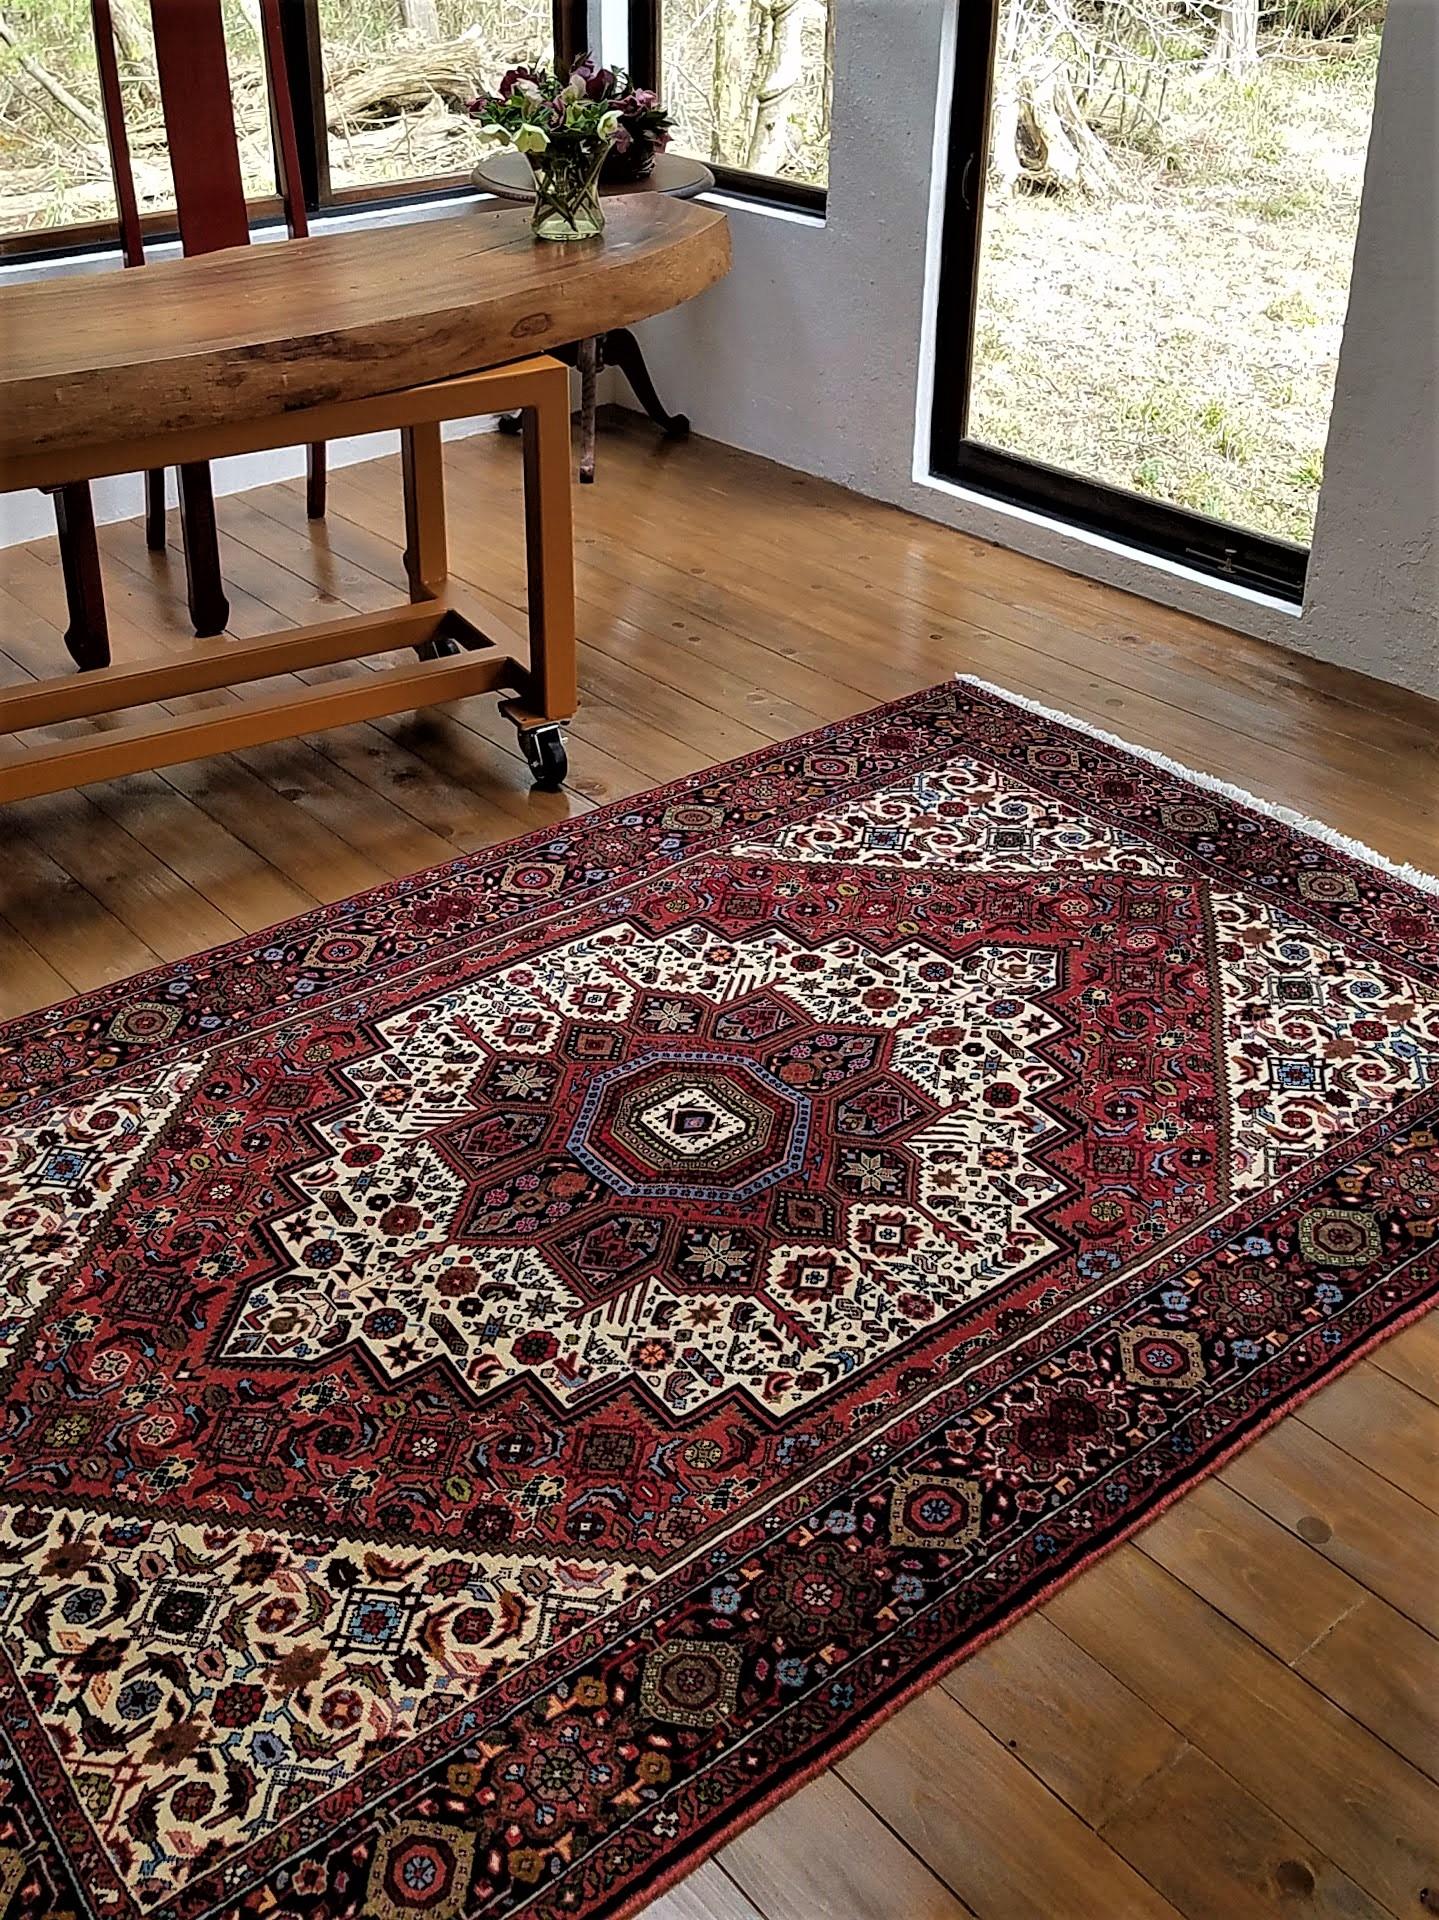 強さの秘密、ビジャー産ペルシャ絨毯